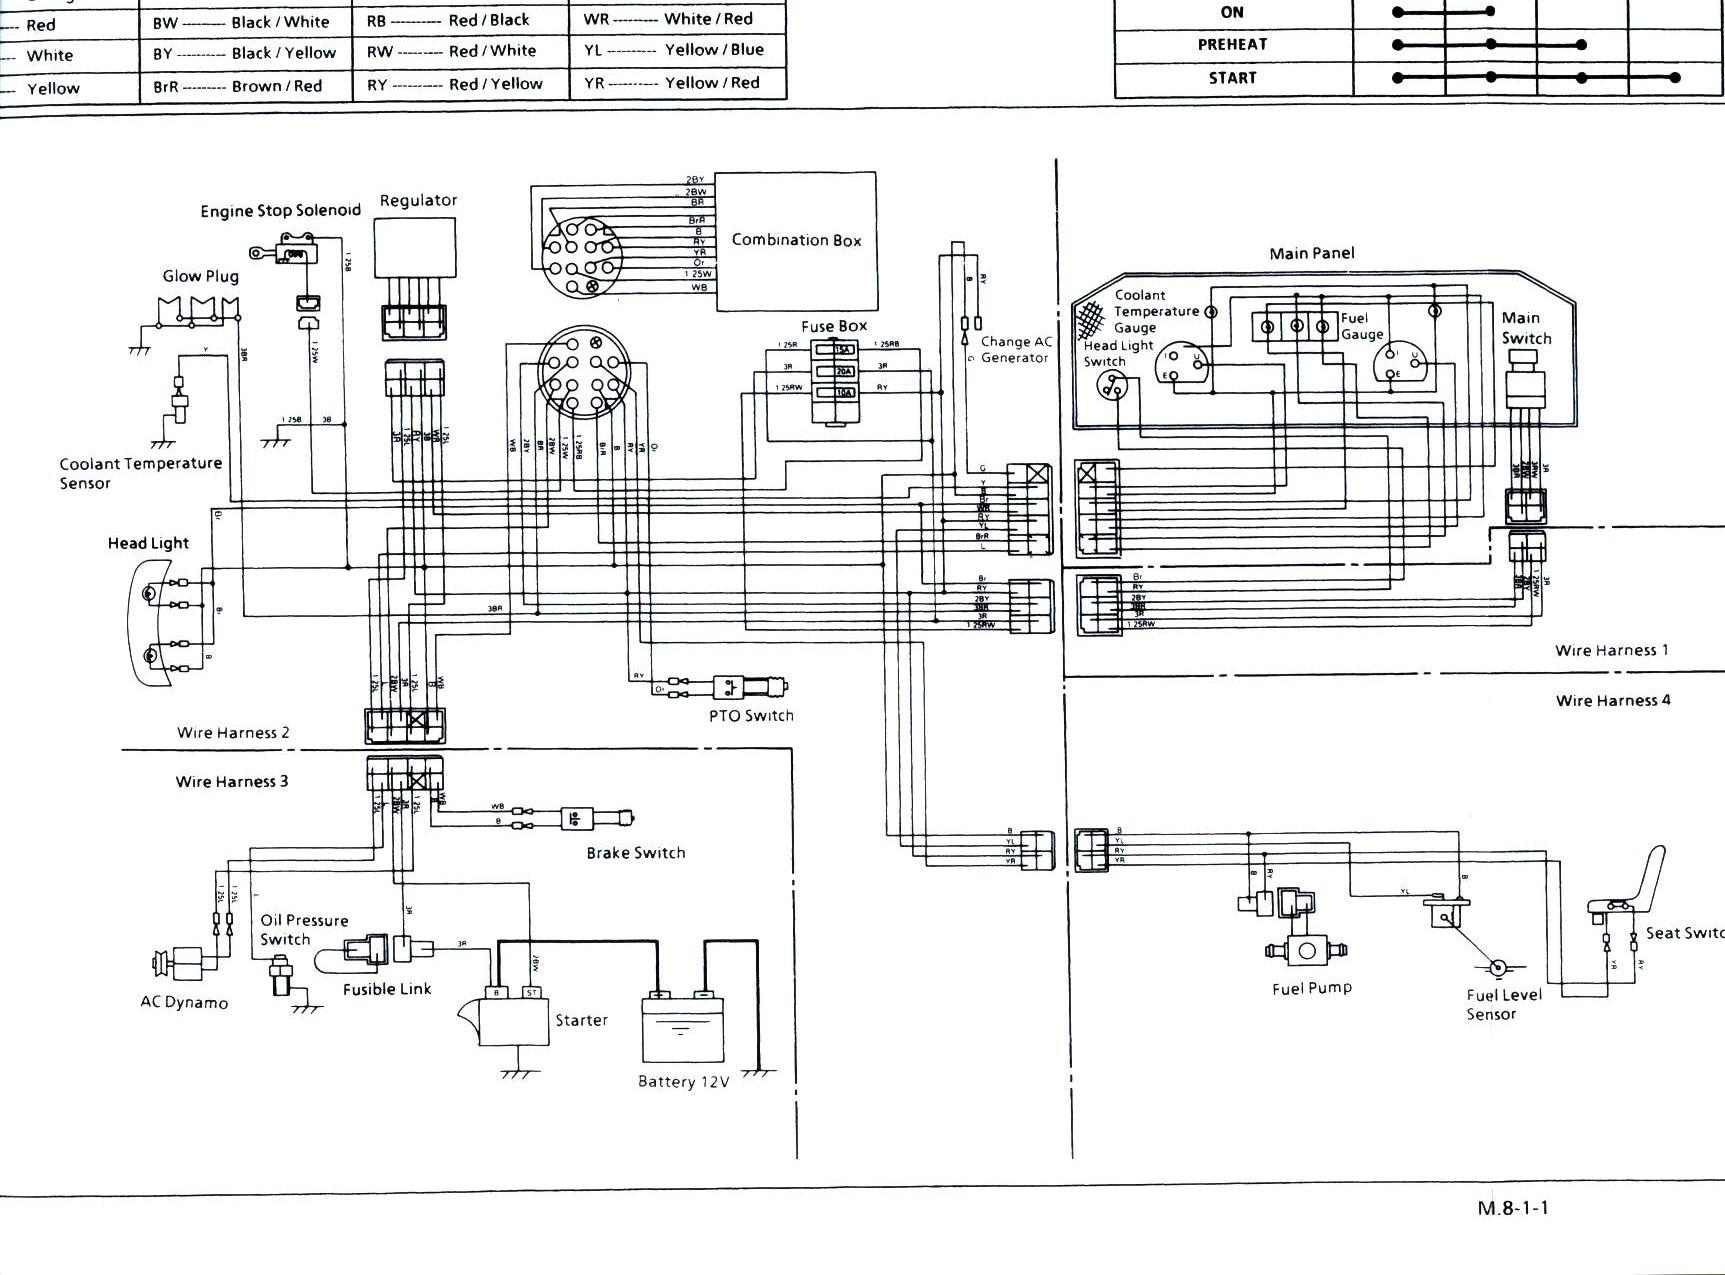 kubota rtv 900 wiring diagram kubota image wiring kubota radio wiring diagram wiring diagram on kubota rtv 900 wiring diagram